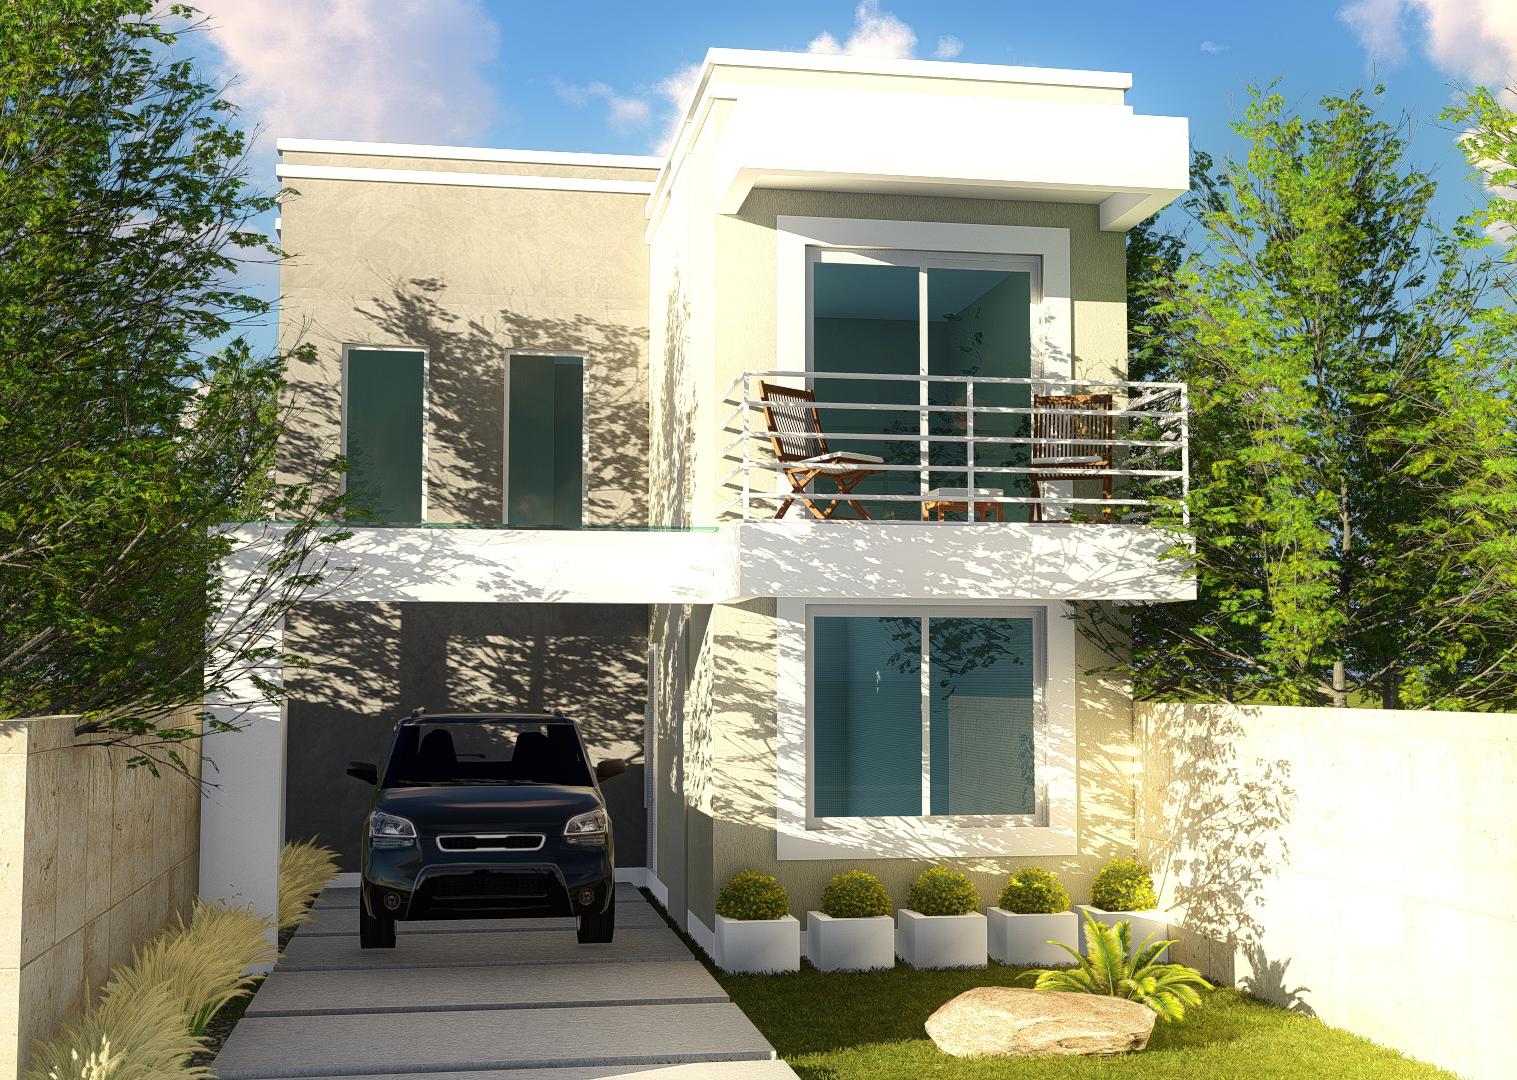 Sobrado ou Casa Térrea? Qual é a casa ideal?